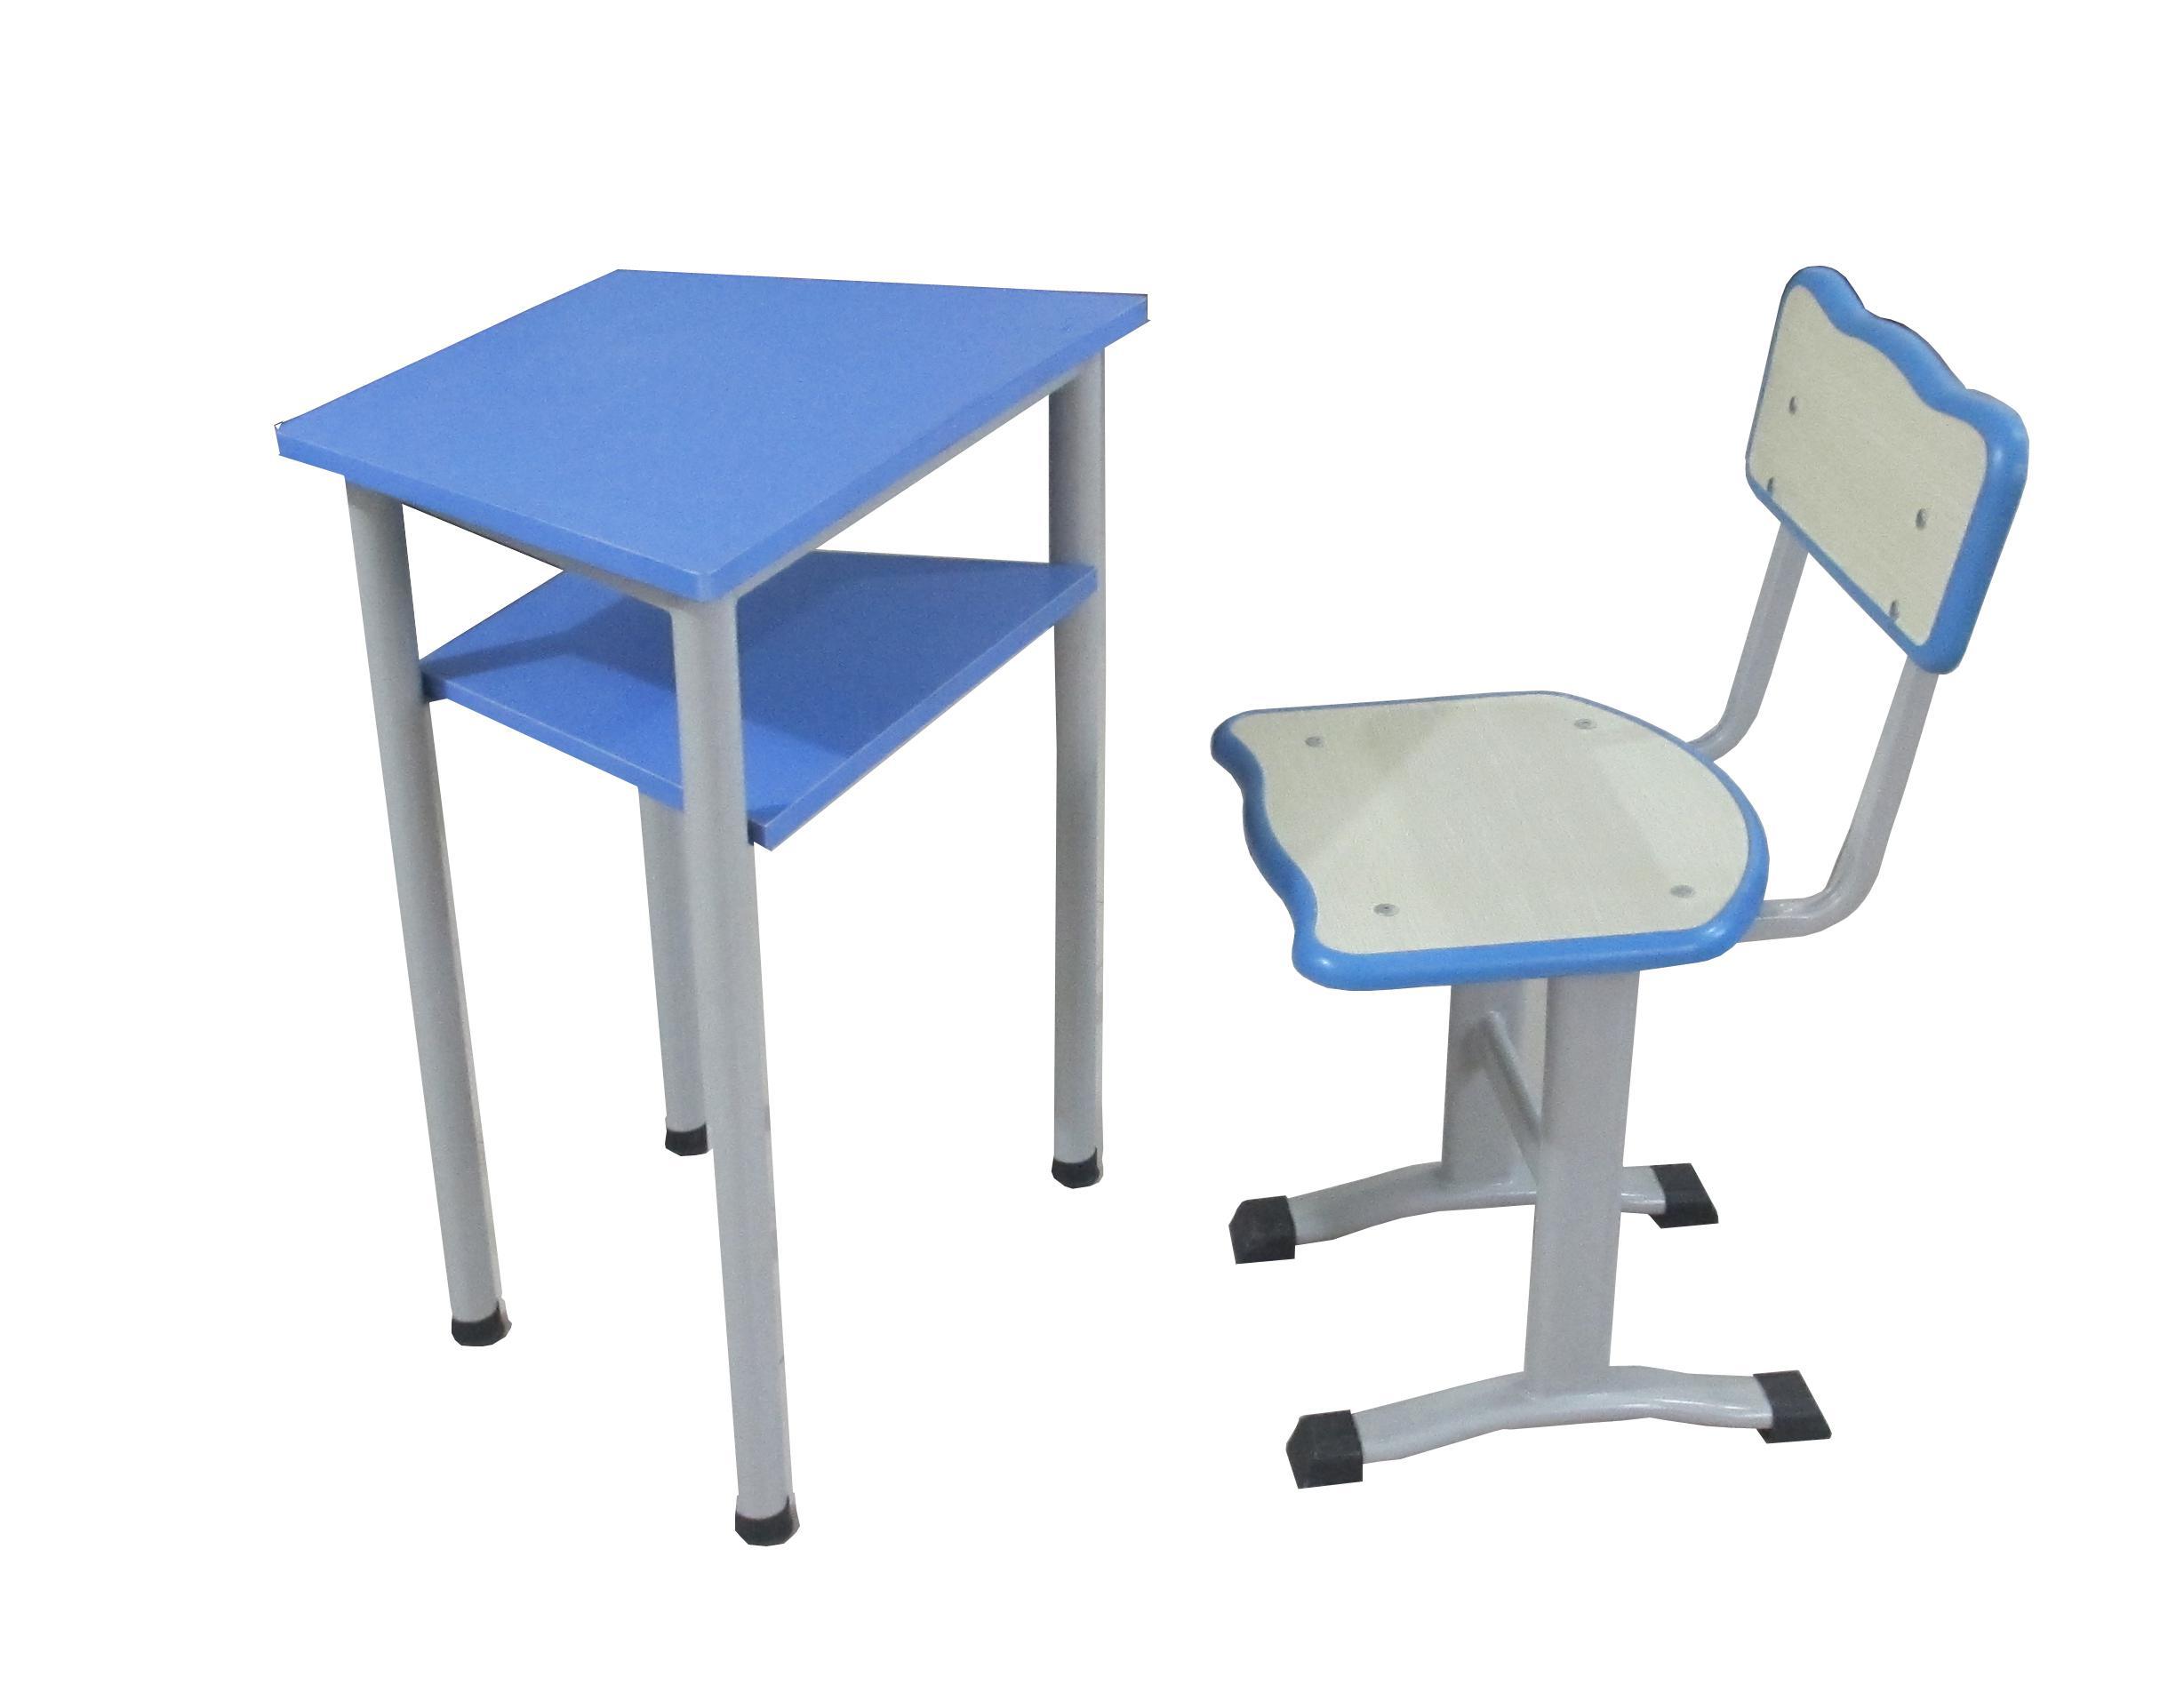 双层斗课桌椅注塑封边钢木学生课桌HX-K003